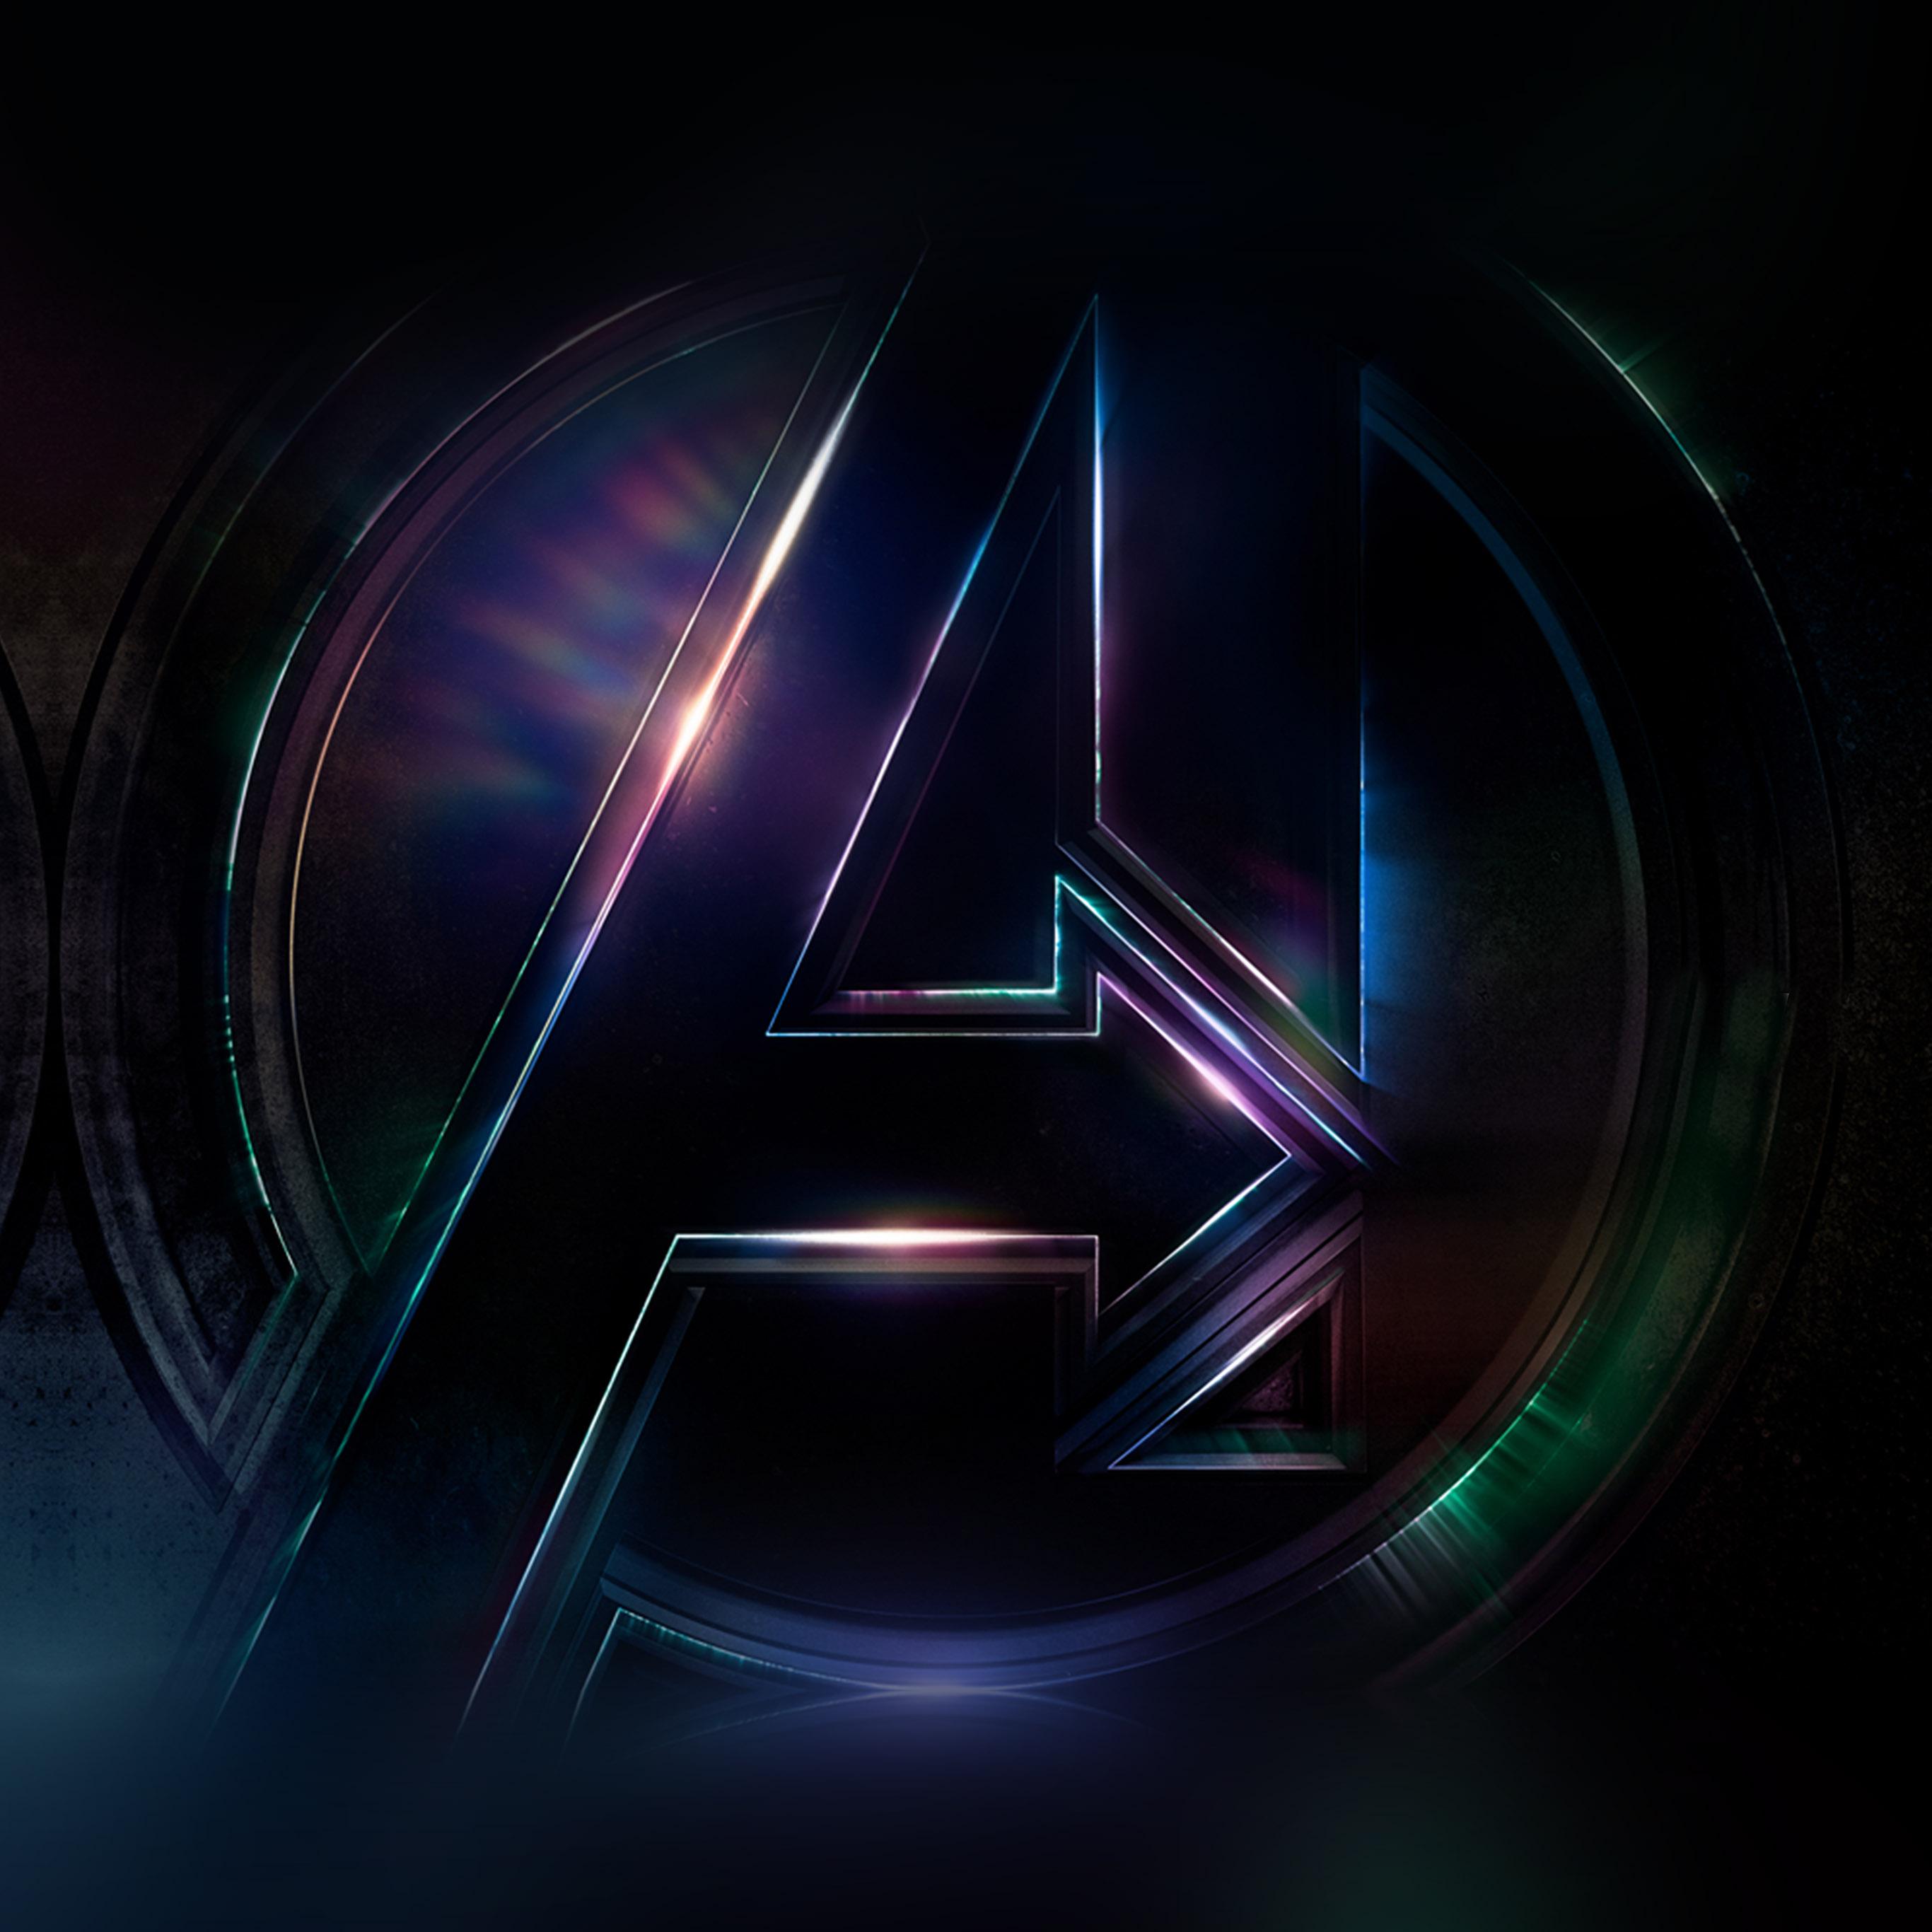 Marvel Iphone Wallpaper Be49 Avengers Logo Dark Film Art Illustration Marvel Wallpaper